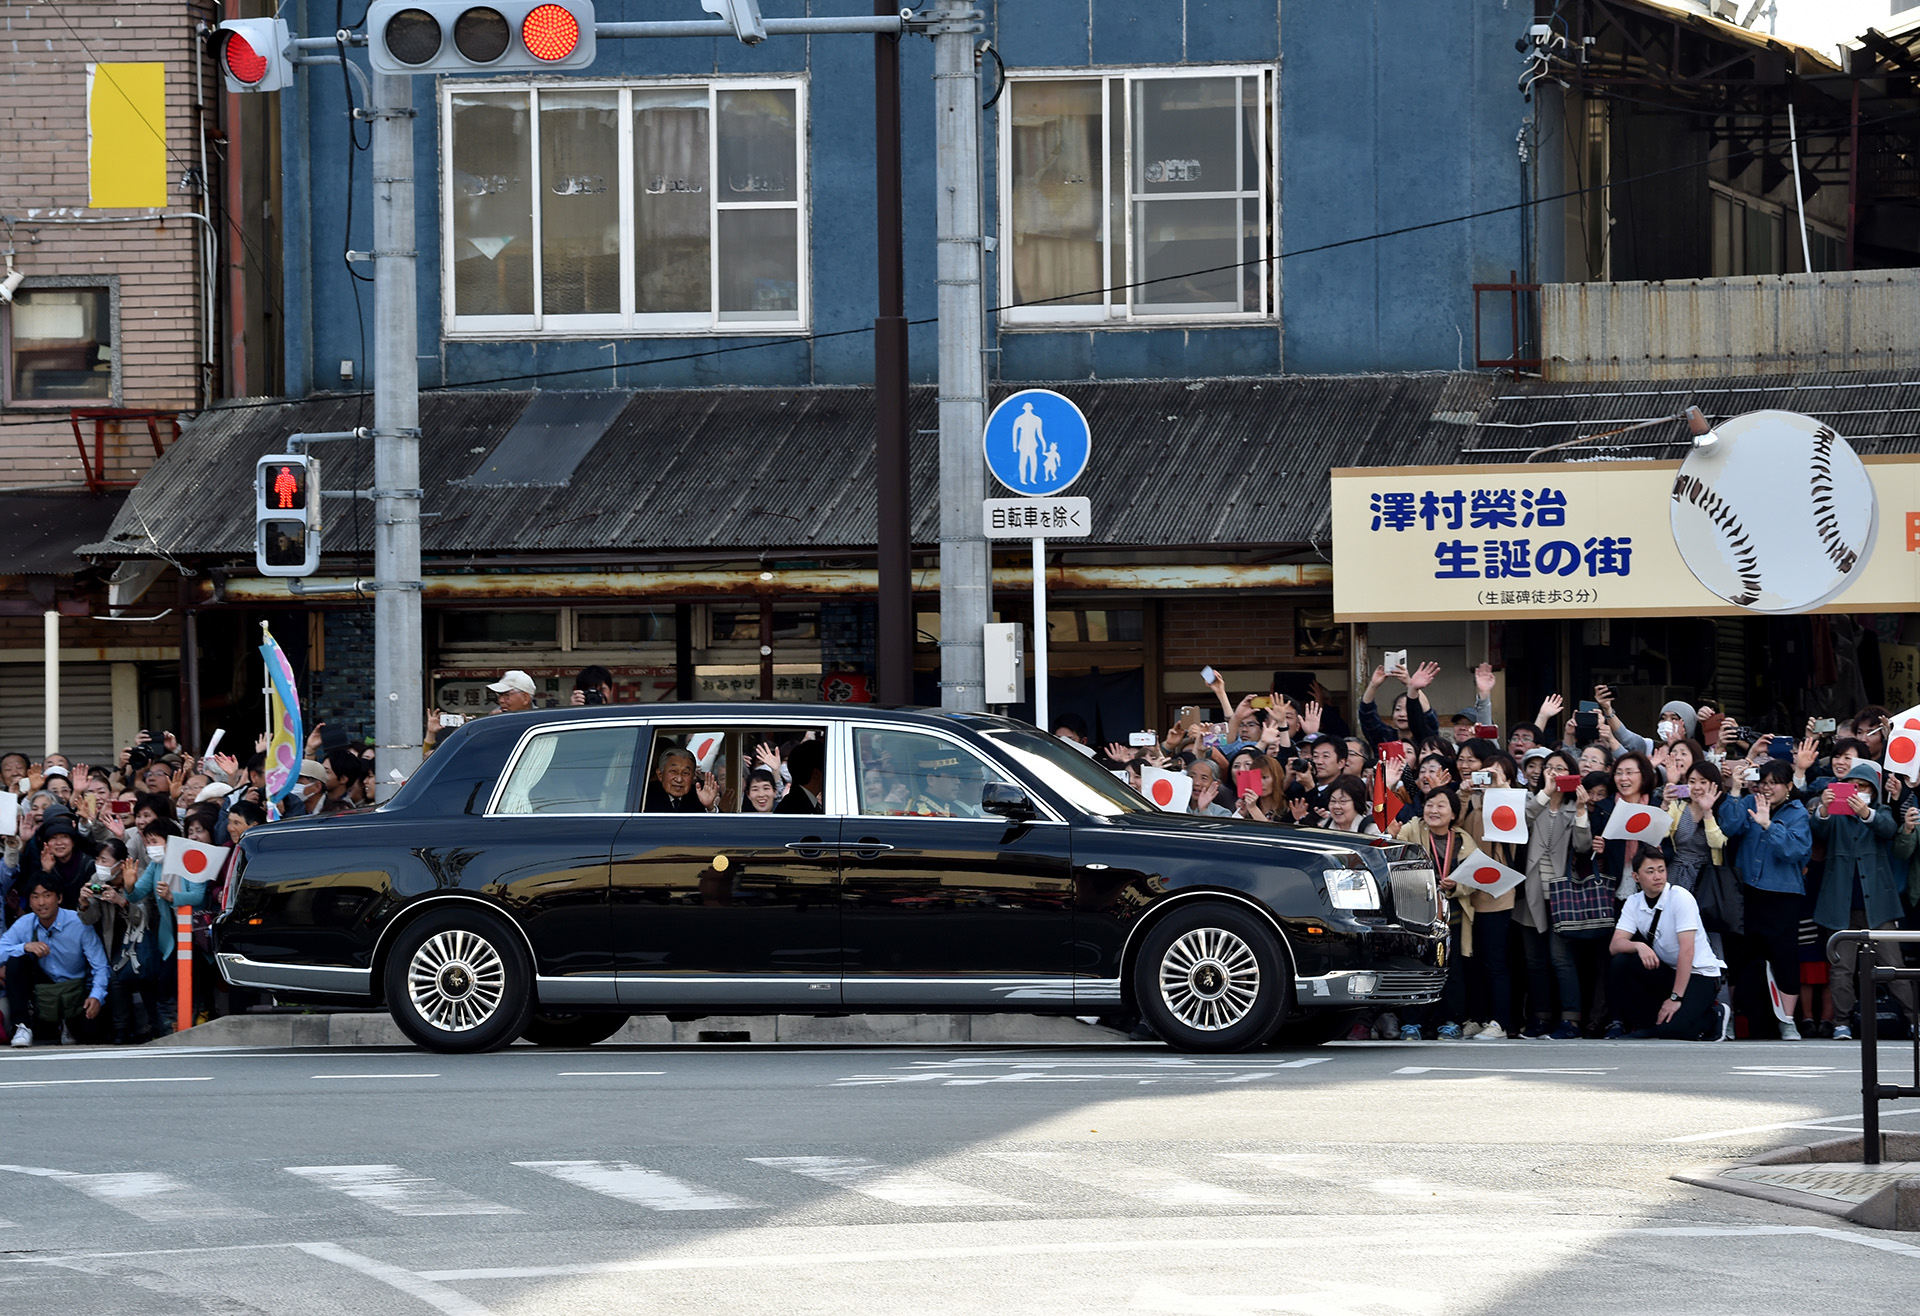 Los emperadores recibieron el cariño de la gente, que los esperó con paciencia para saludarlos y tomarles fotografías